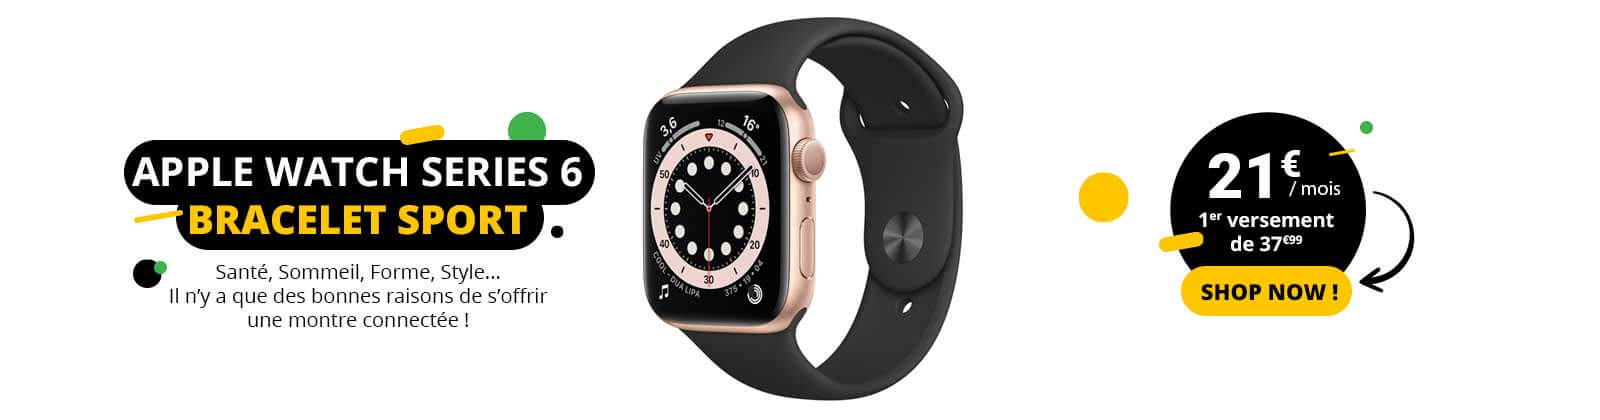 Apple watch series 6 pas cher à 21€/mois